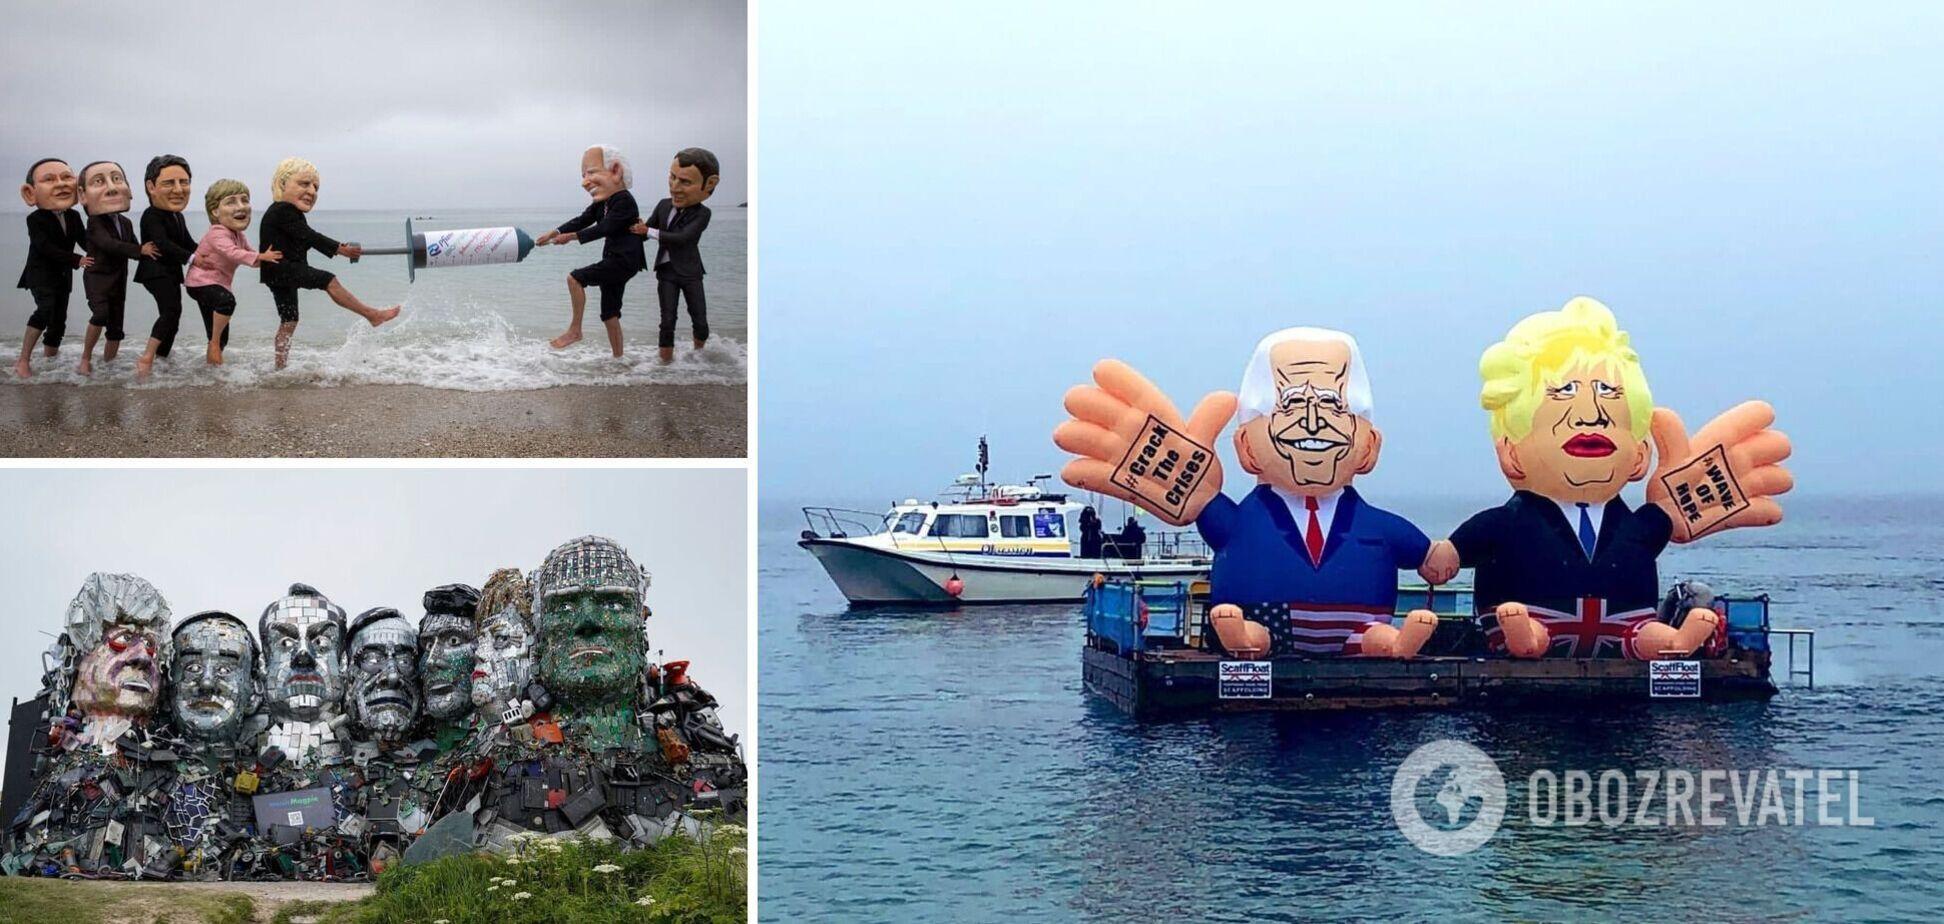 Активісти креативно зустріли учасників G7: надули Байдена і Джонсона та влаштували боротьбу за гігантський шприц. Фоторепортаж